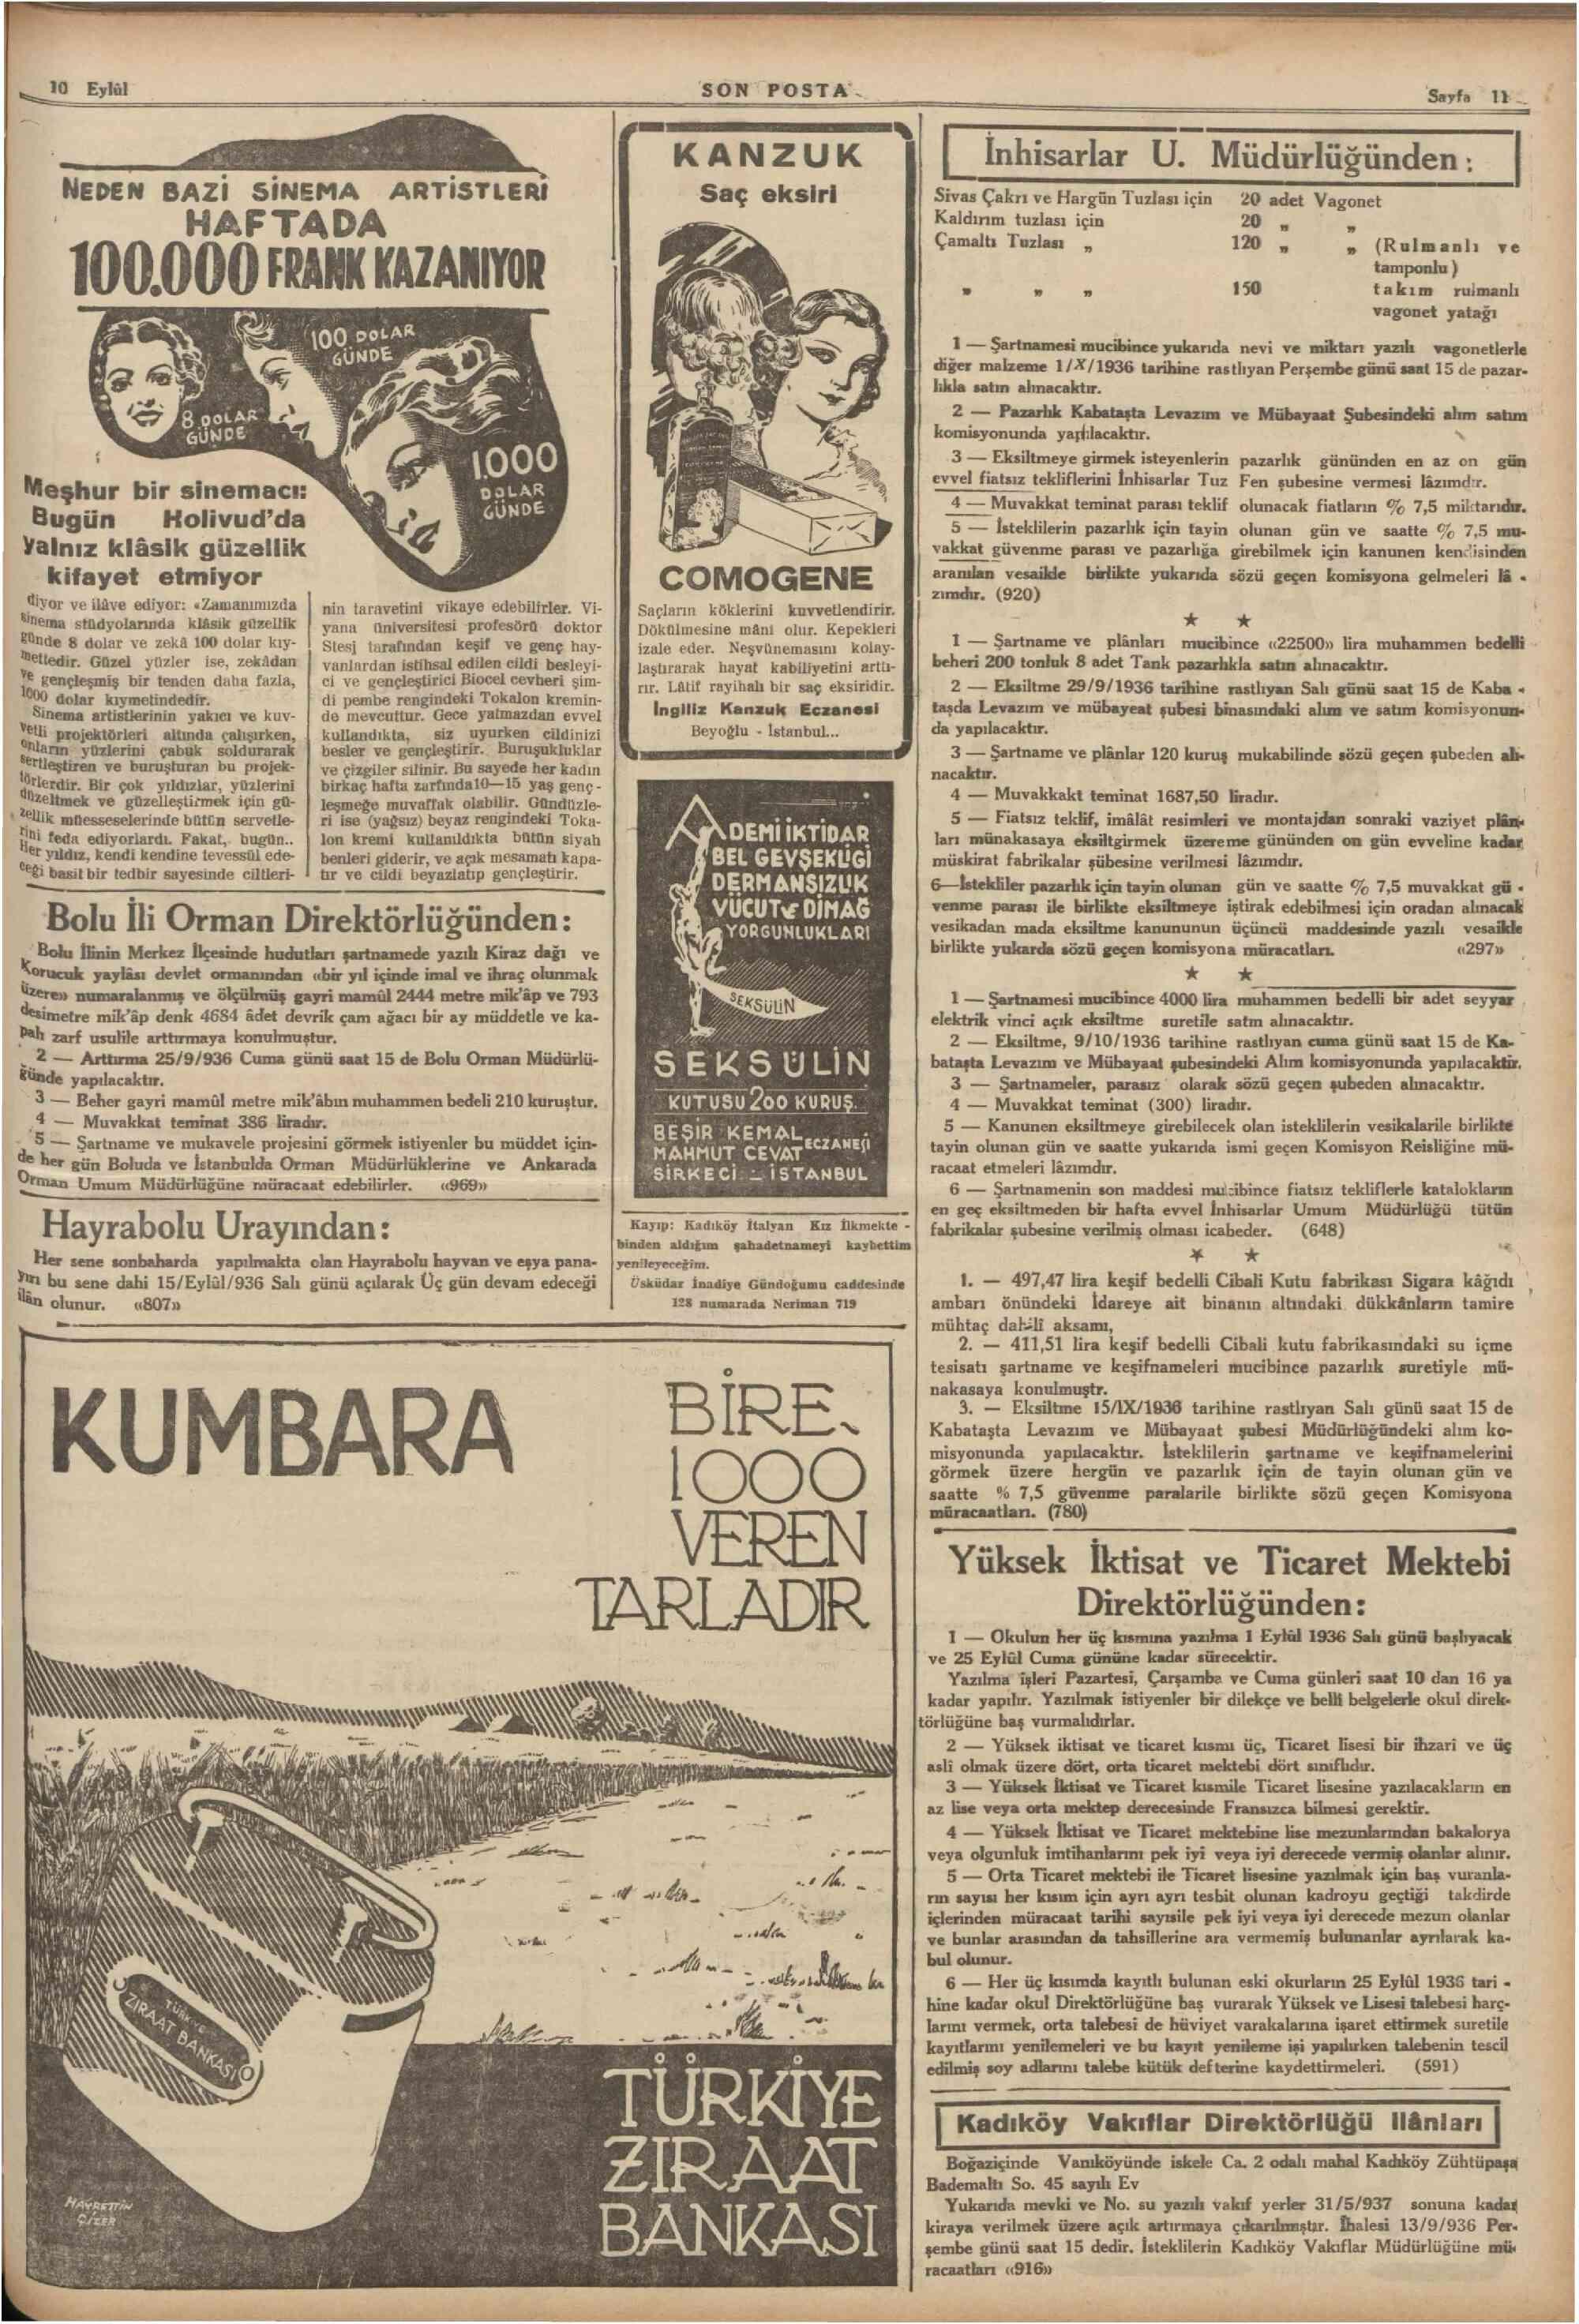 10 Eylül 1936 Tarihli Son Posta Gazetesi Sayfa 11